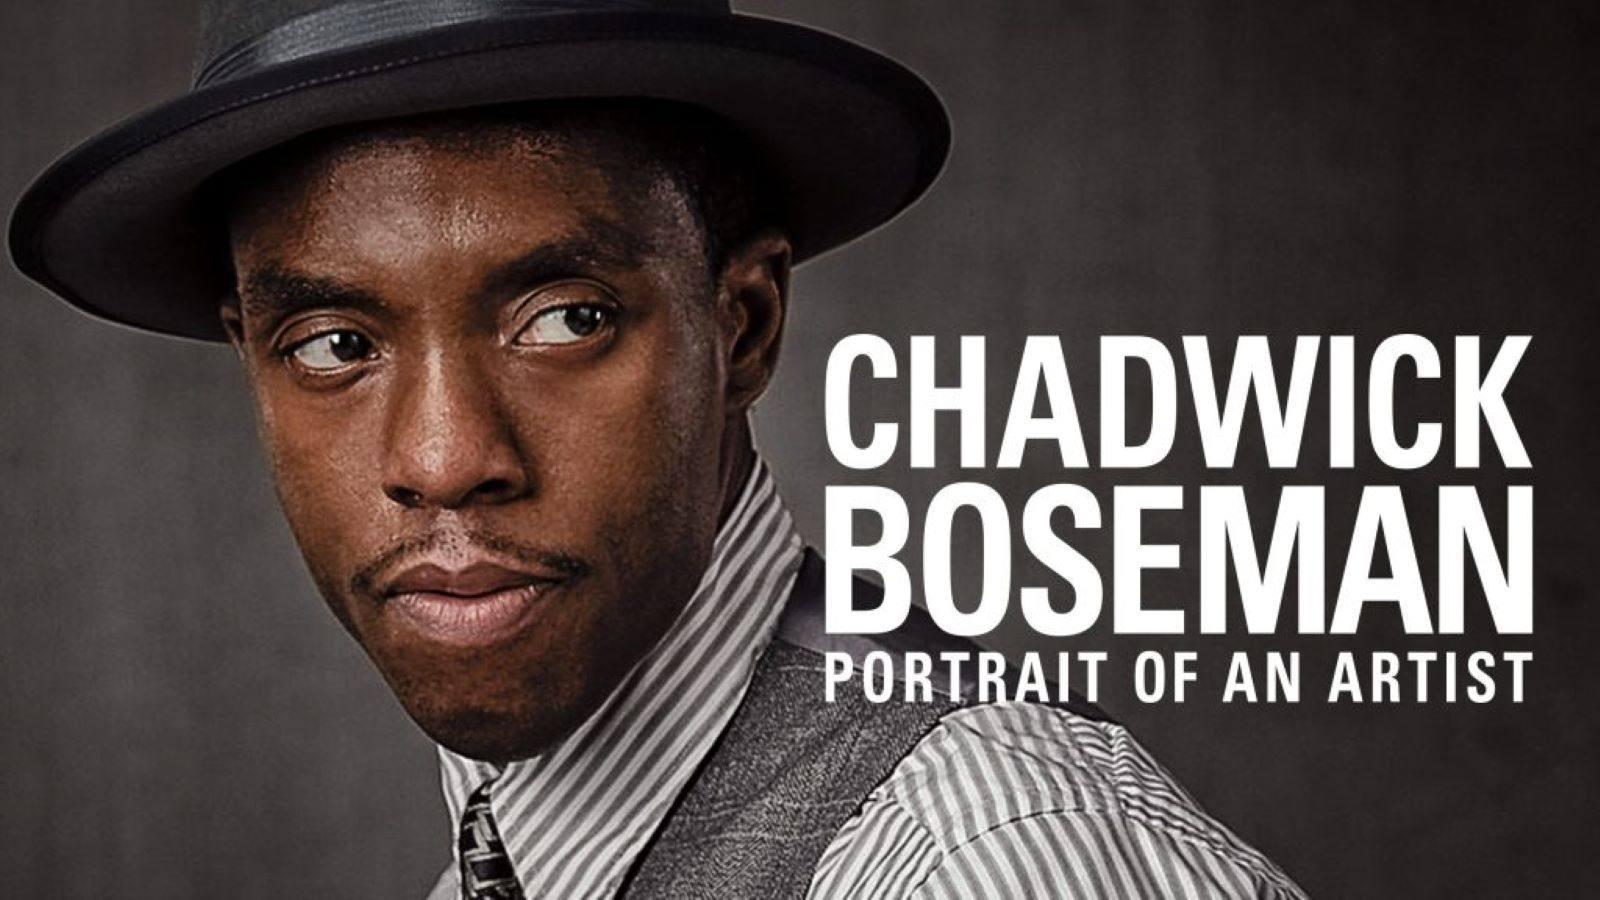 Netflix特别纪念节目《查德维克·博斯曼:一位艺术家的肖像》发布预告